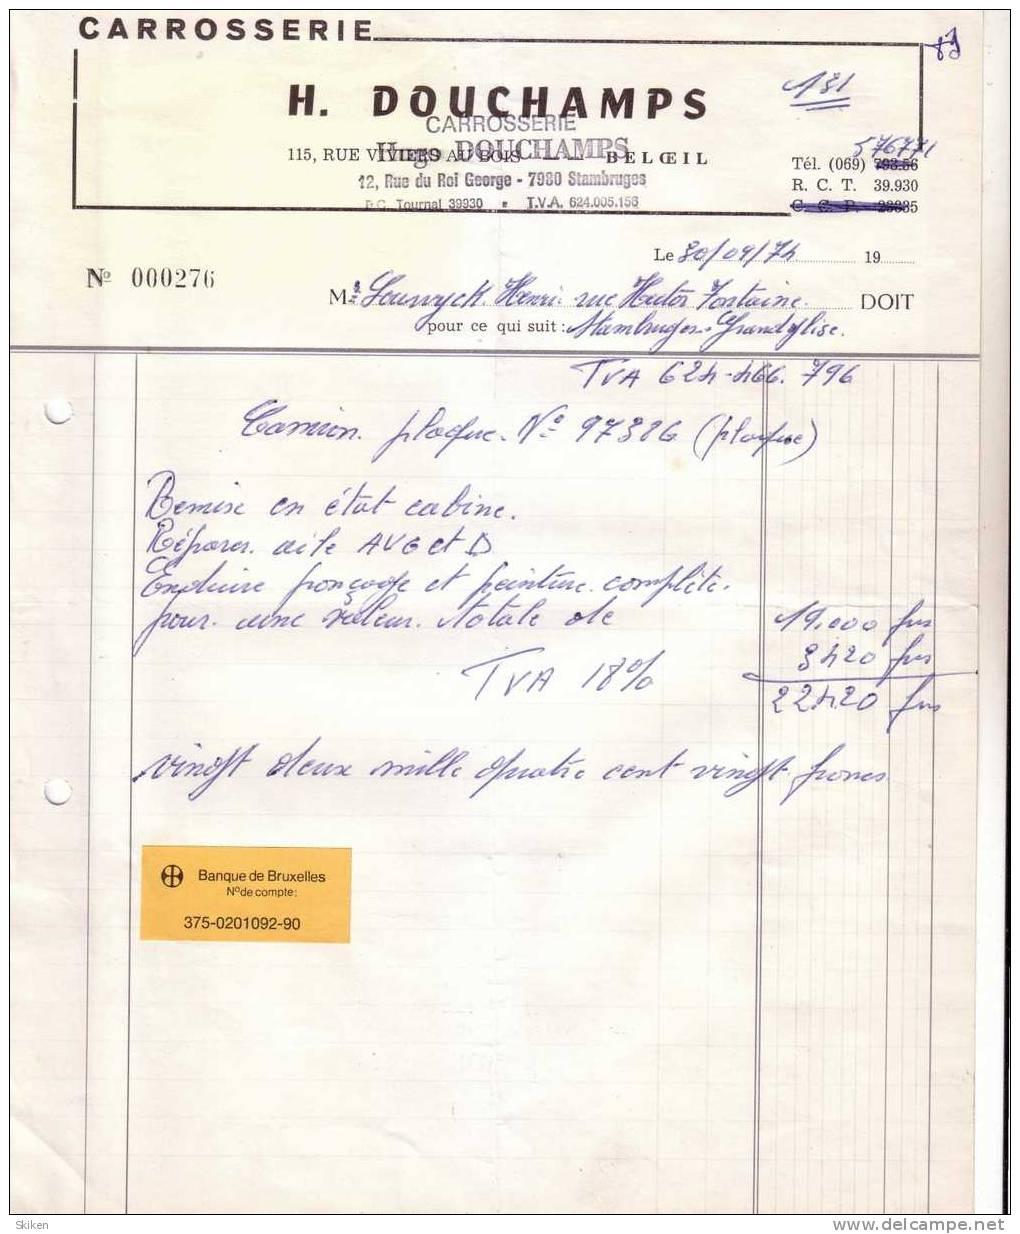 BELOEIL STAMBRUGES   H. DOUCHAMPS  Carrosserie   30.09.1974 - Non Classés